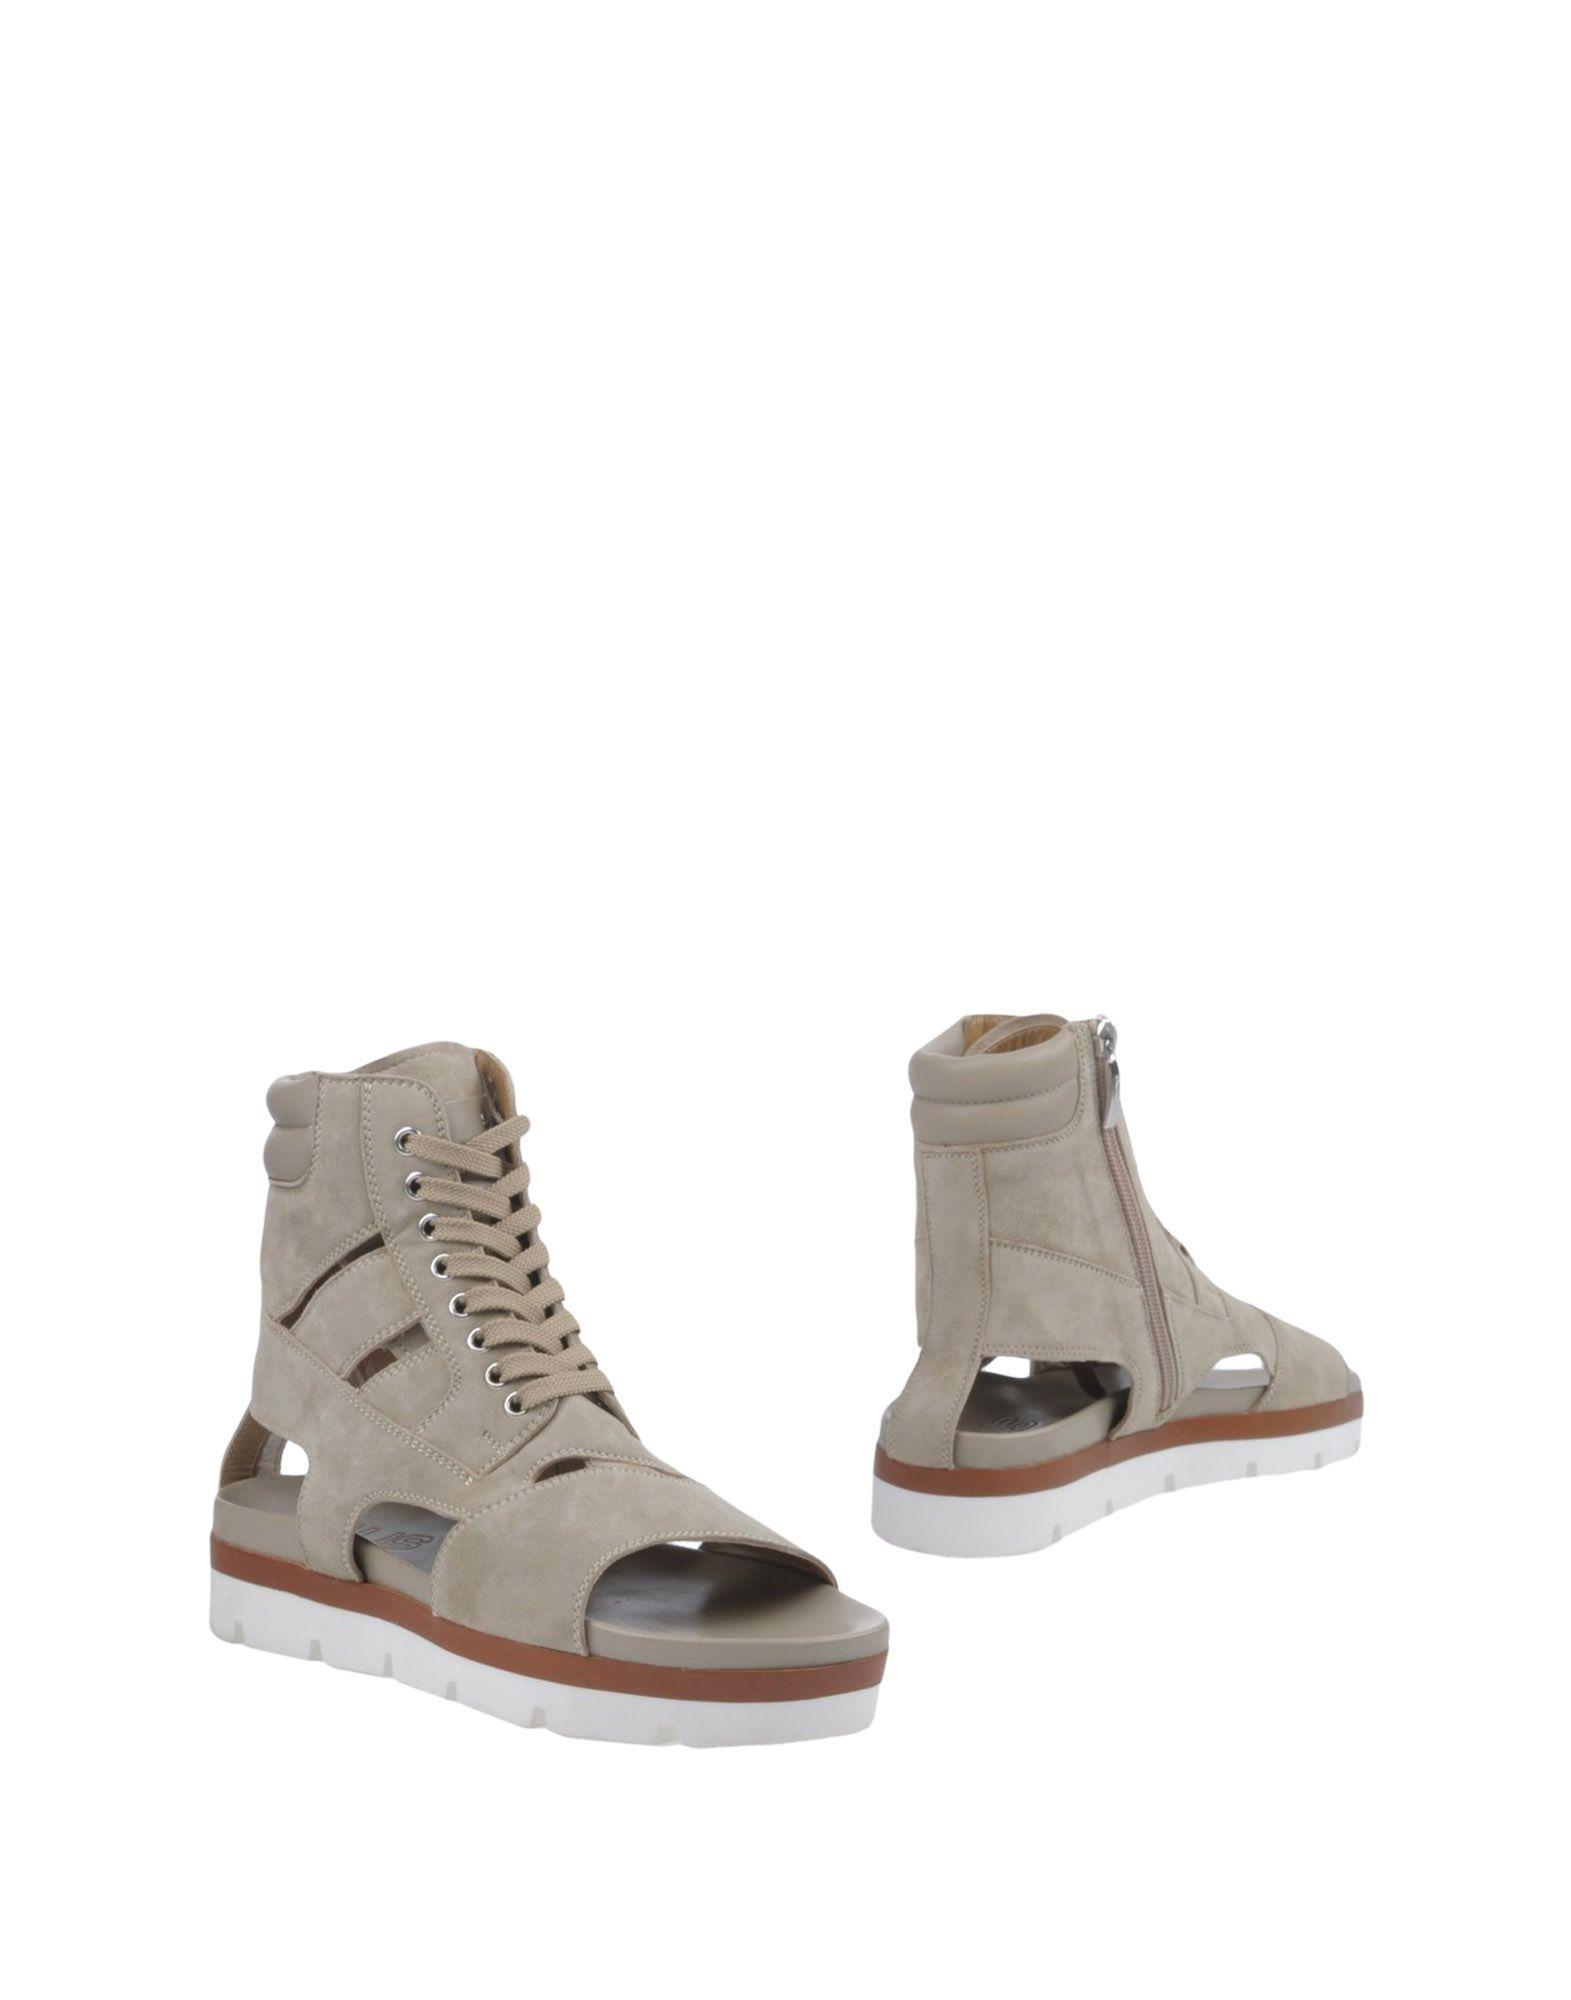 Cesare Paciotti Sandals 4Us Sandals - Women Cesare Paciotti 4Us Sandals Paciotti online on  United Kingdom - 11386475EF 6137d5